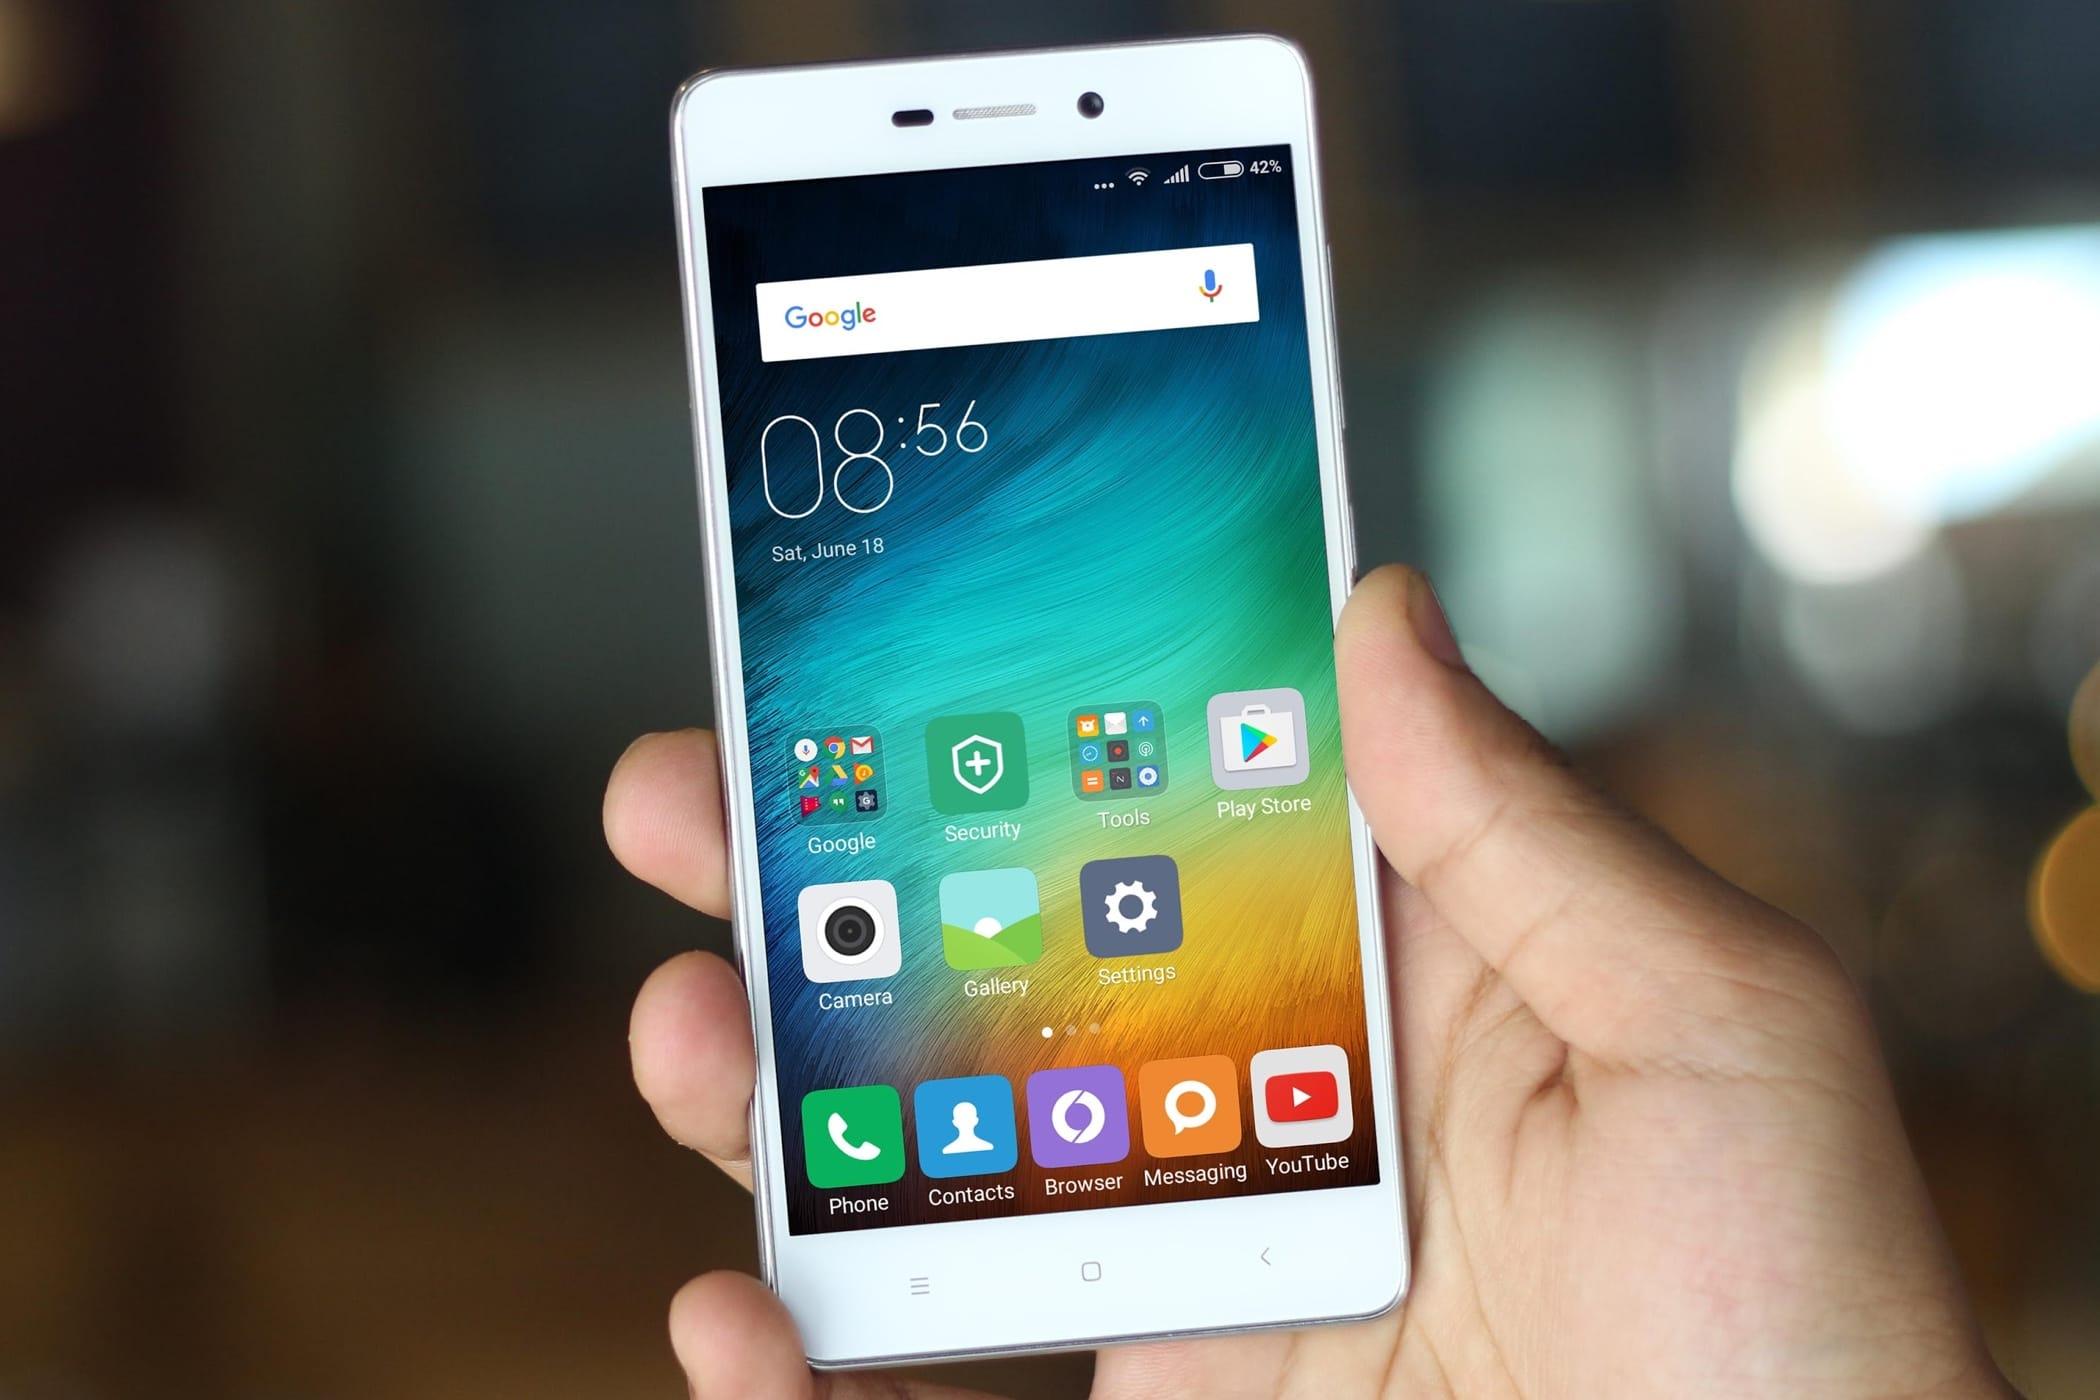 Сочность и яркость_смартфоны с лучшими экранами - смартфон сяоми в руках